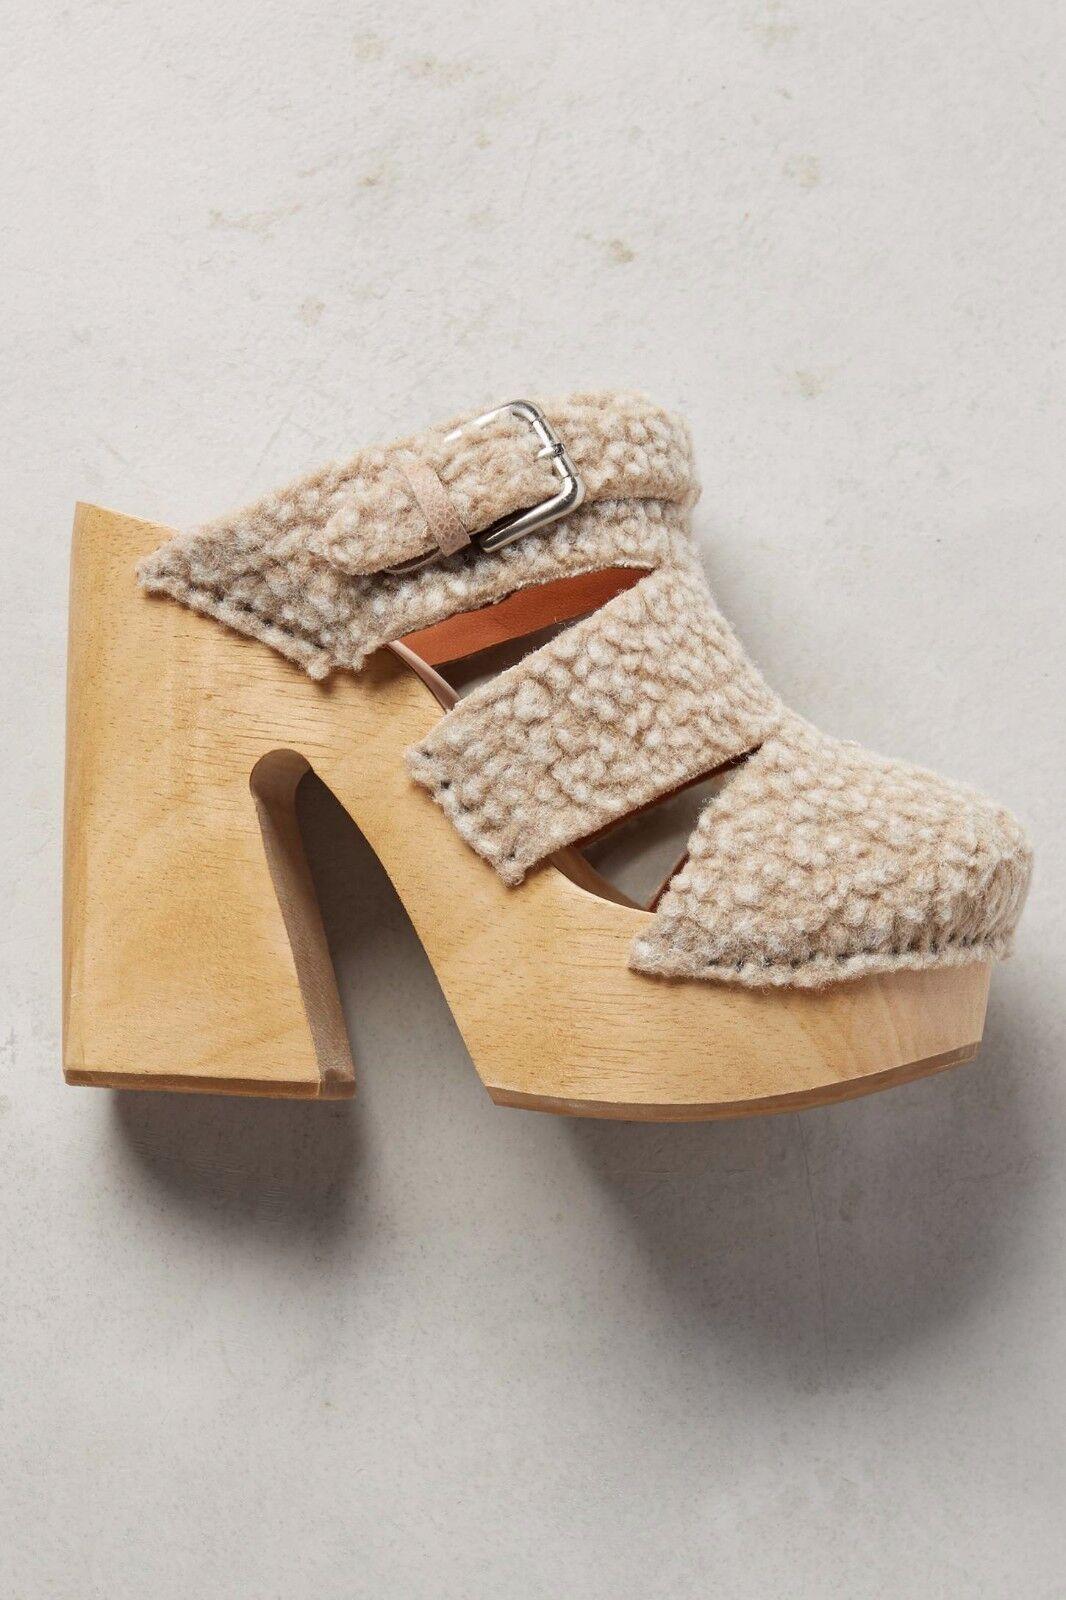 Anthropologie fiero Zuecos Rachel Rachel Zuecos Comey Zapatos 9.5 Nuevo  575 natural mula Tacones 3c2c63